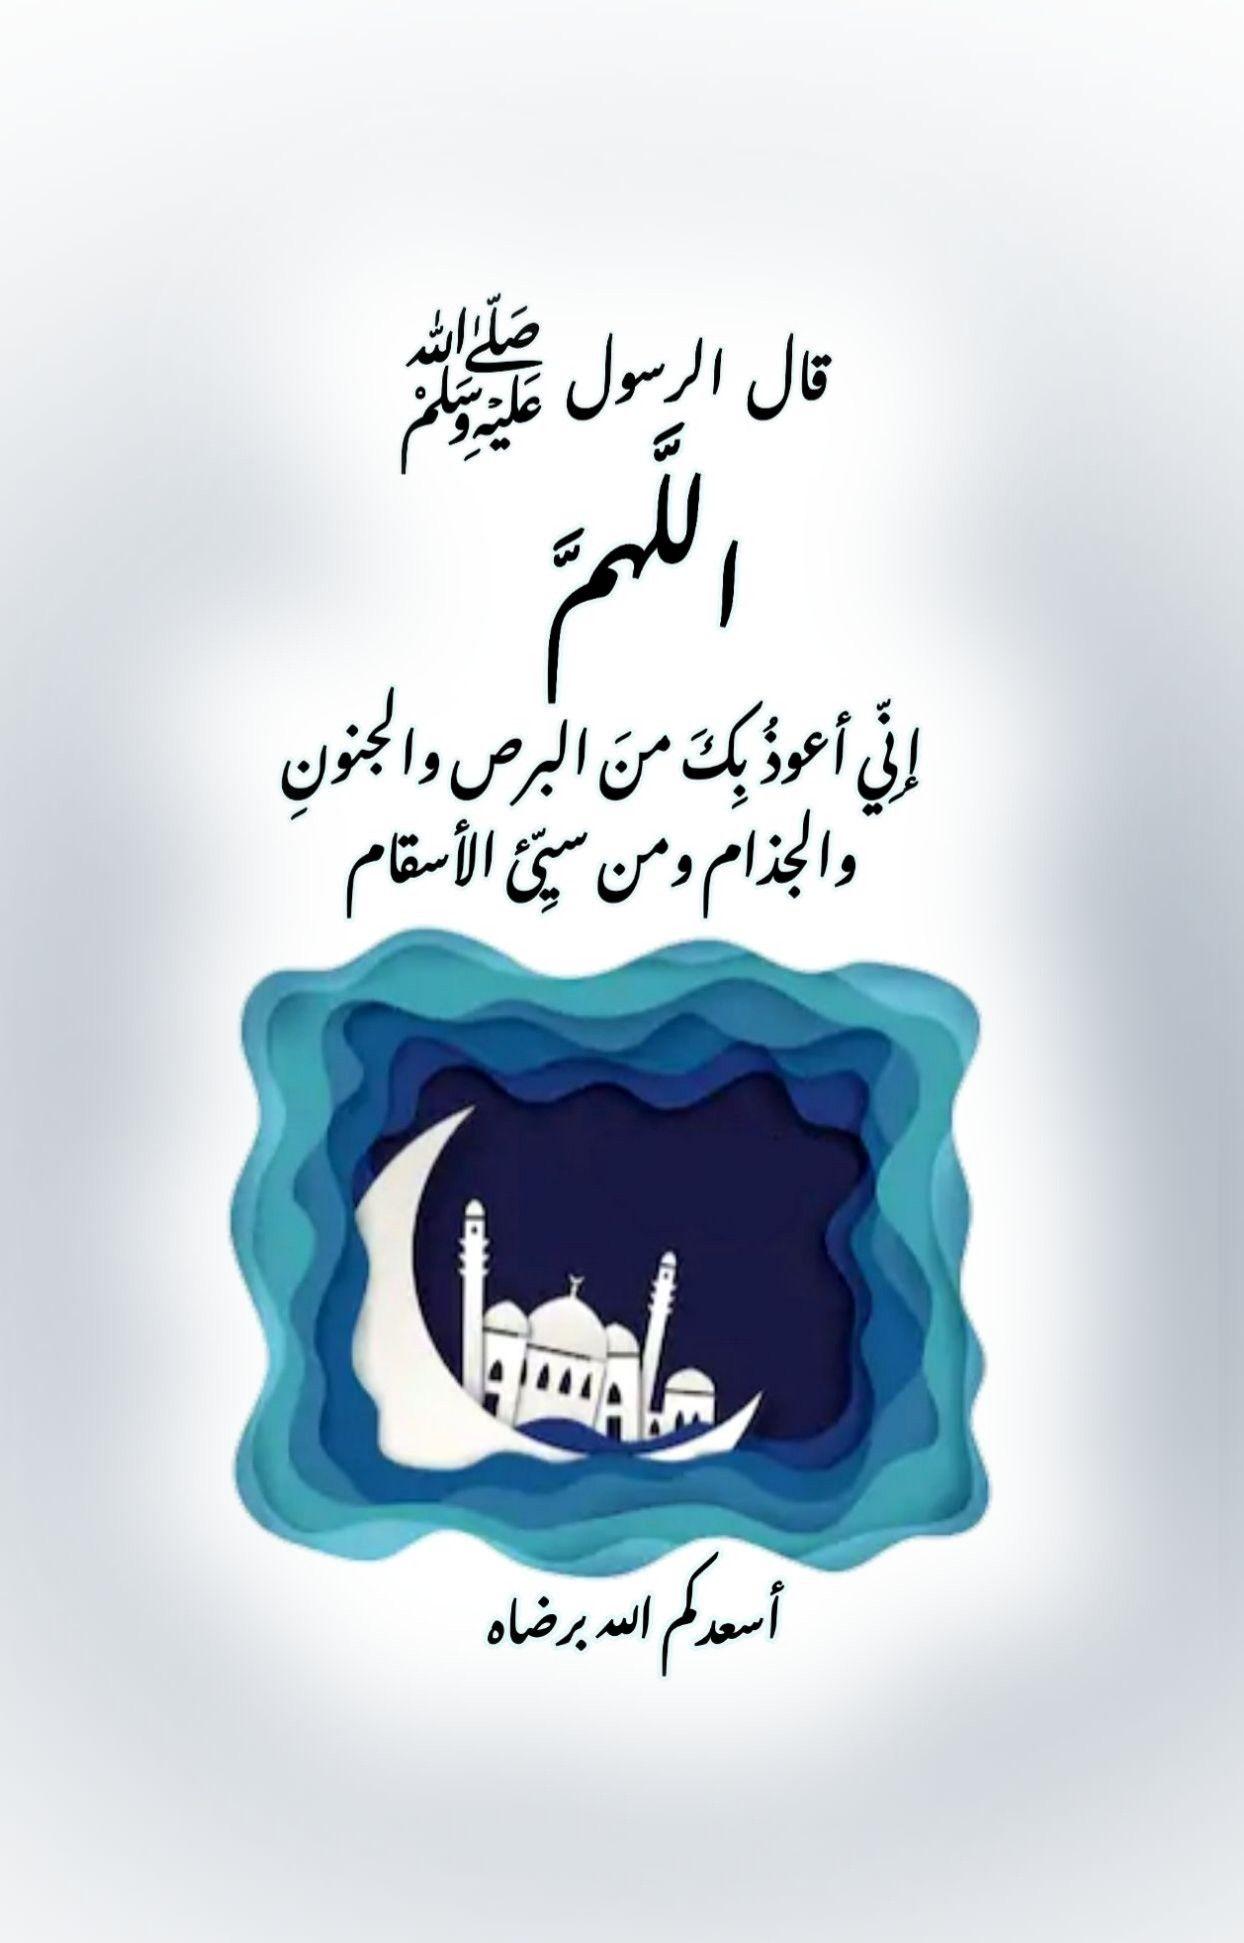 الل هم إن ي أعوذ ب ك من البرص والجنون والجذام ومن سي ئ الأسقام صححه الألباني Good Morning Greetings Morning Greeting Islamic Quotes Quran